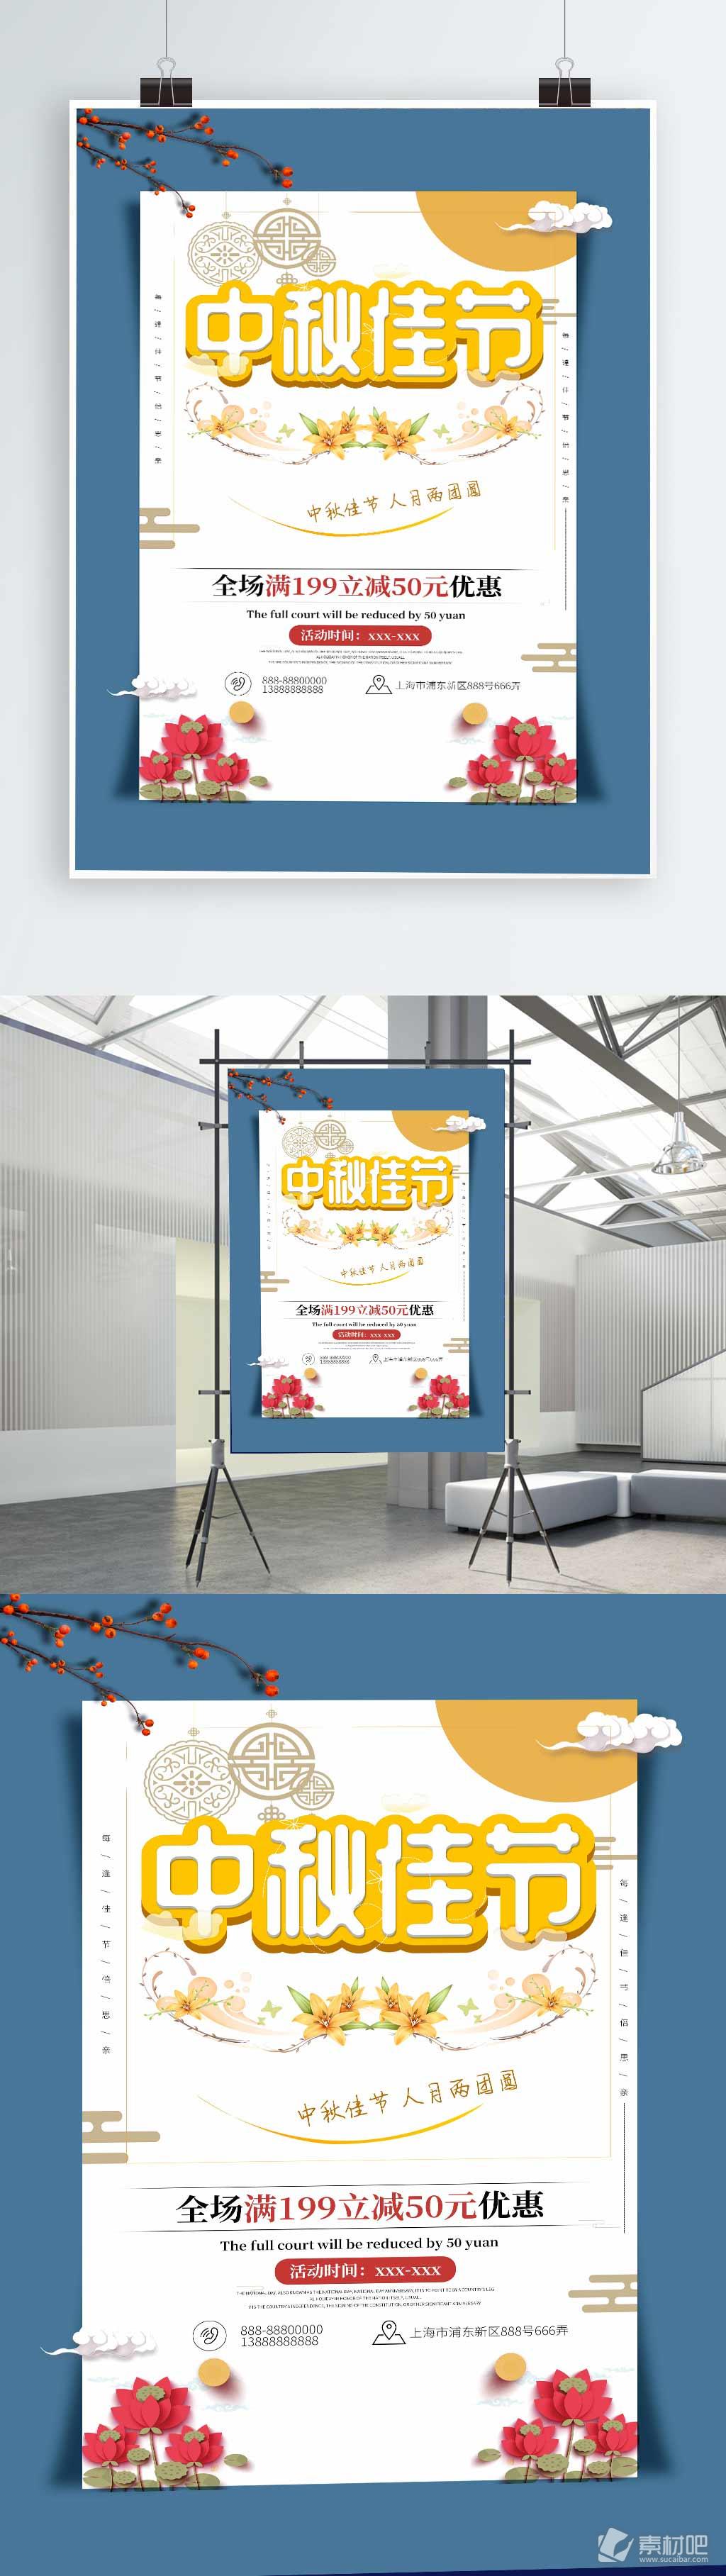 中秋佳节促销海报下载